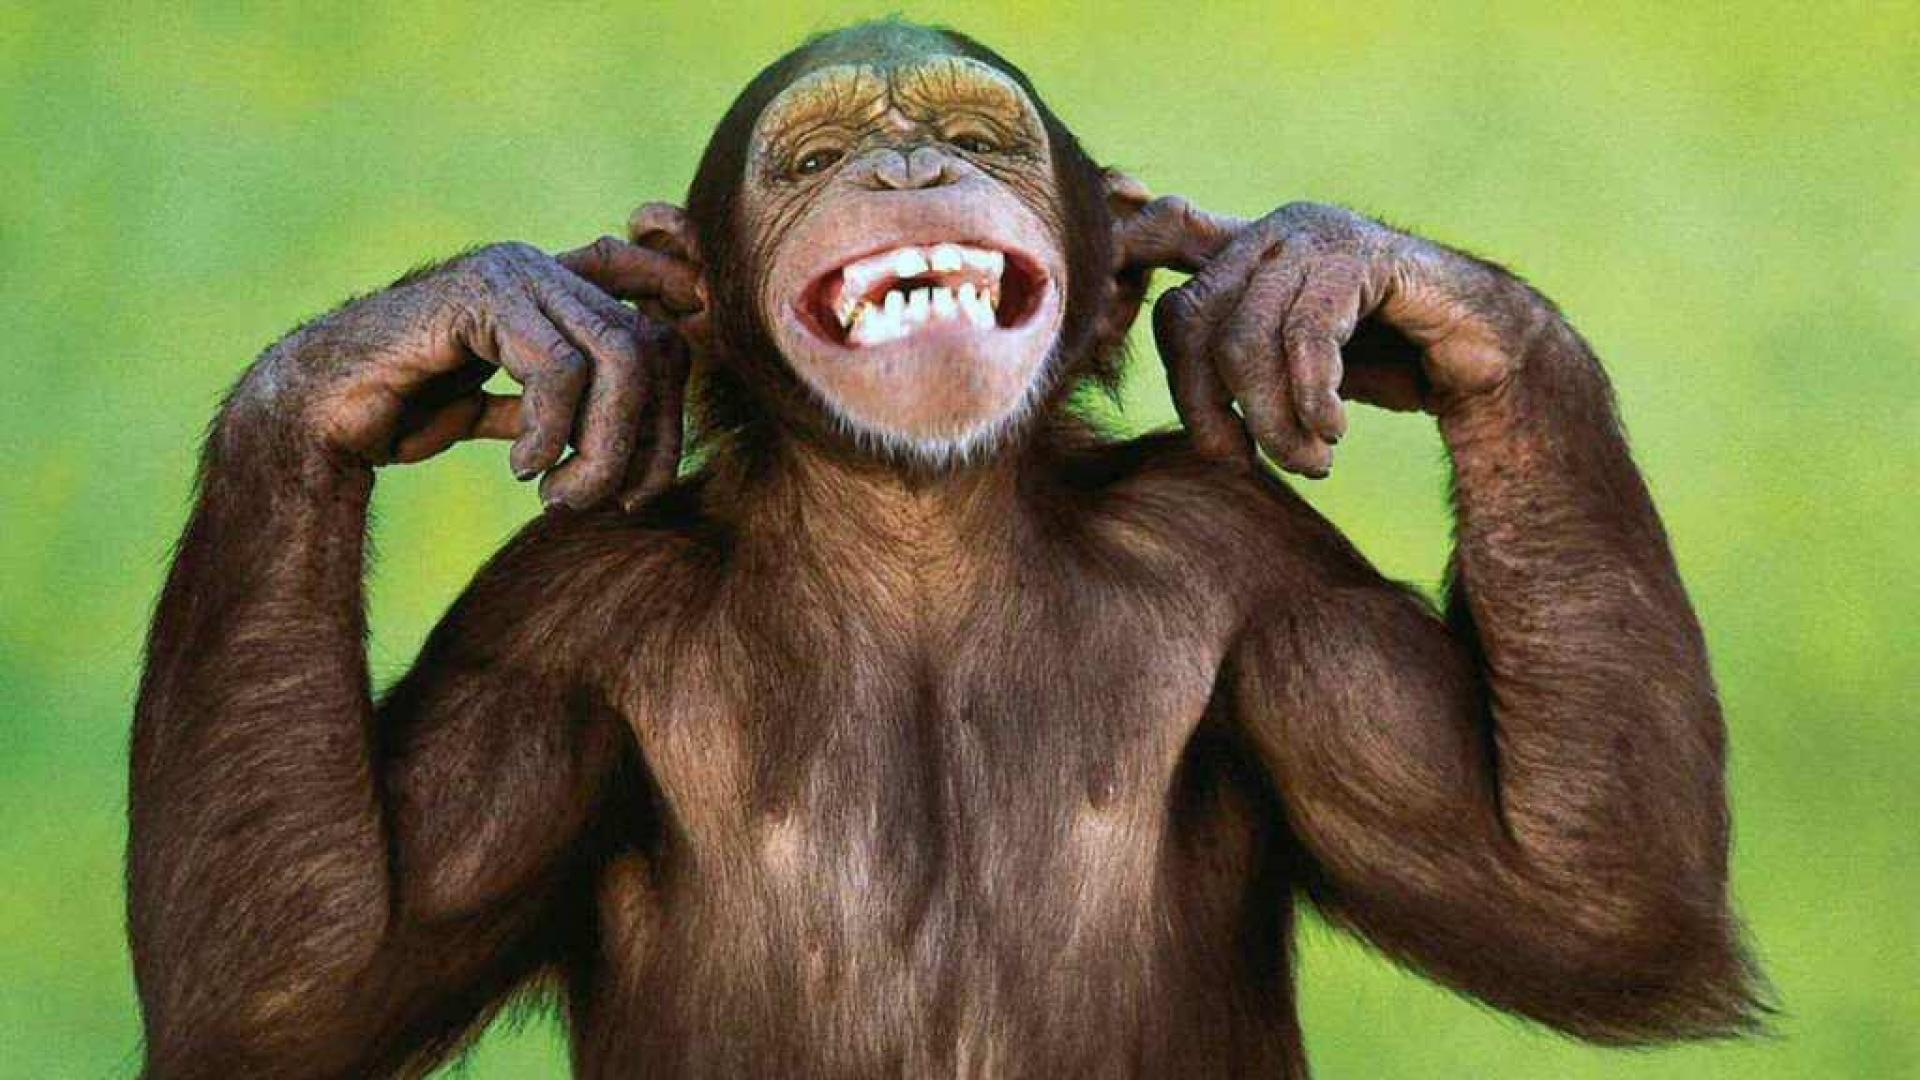 Cute Monkeys Wallpaper - wallpaper